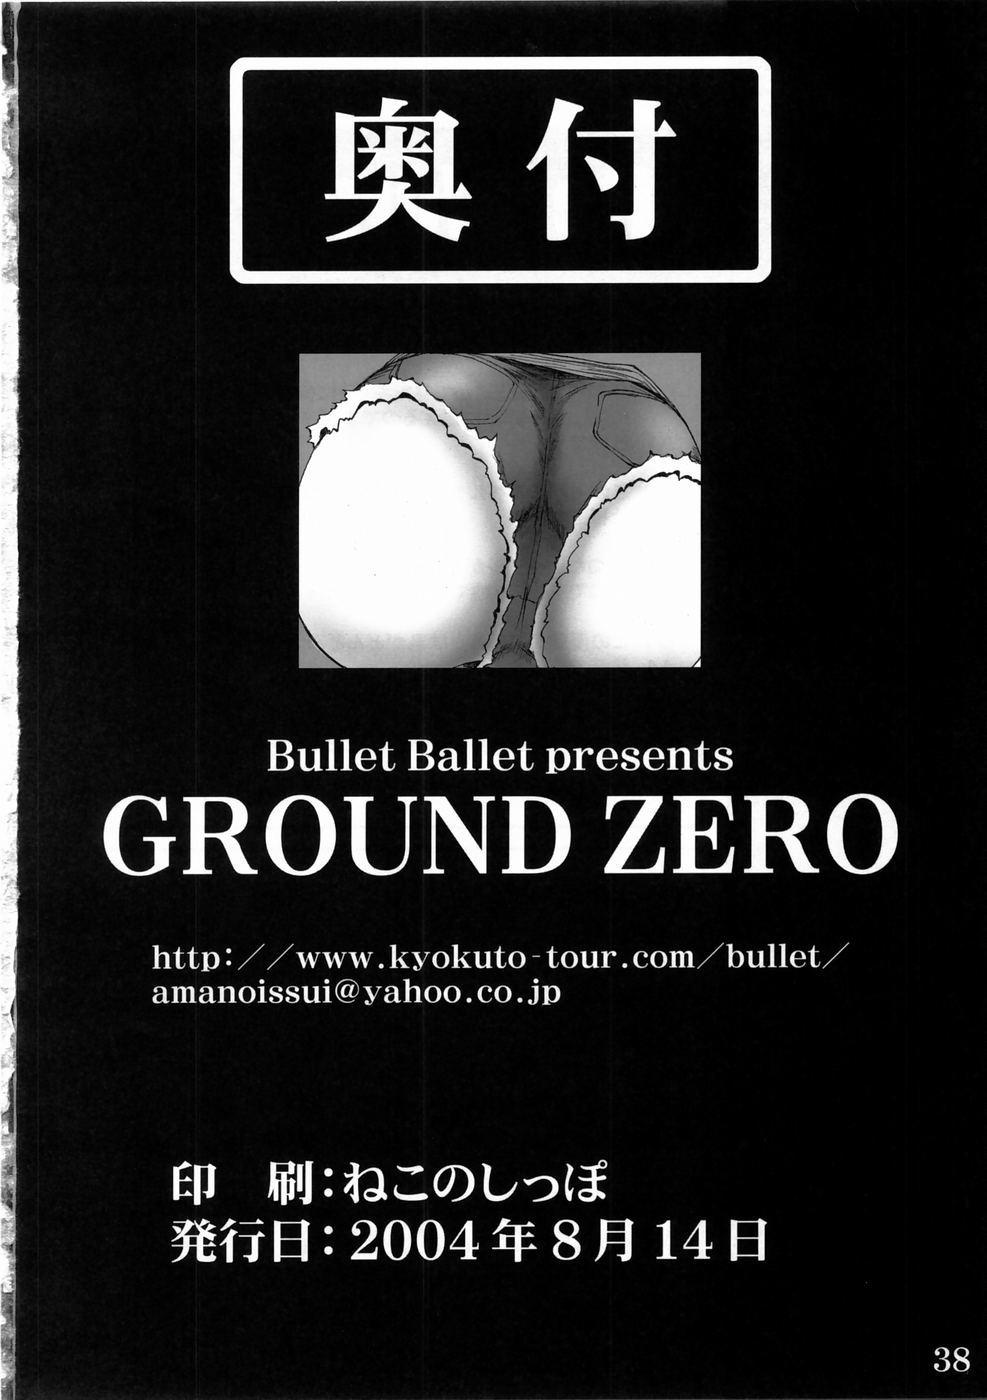 GROUND ZERO 34